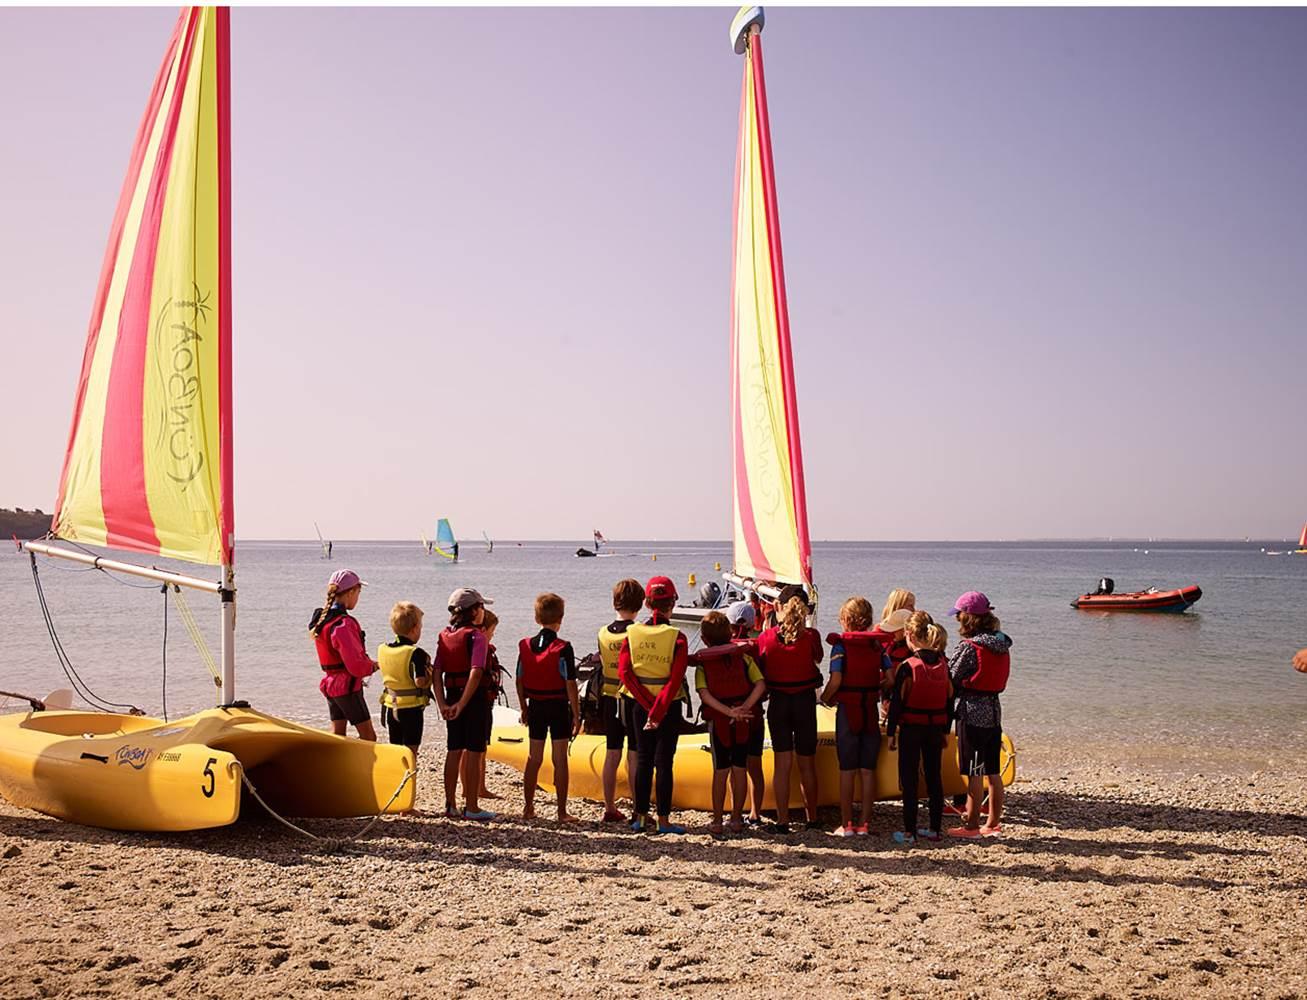 Club Nautique du Rohu - Briefing sur la plage avant le départ sur l'eau en Funboat © Club Nautique du Rohu